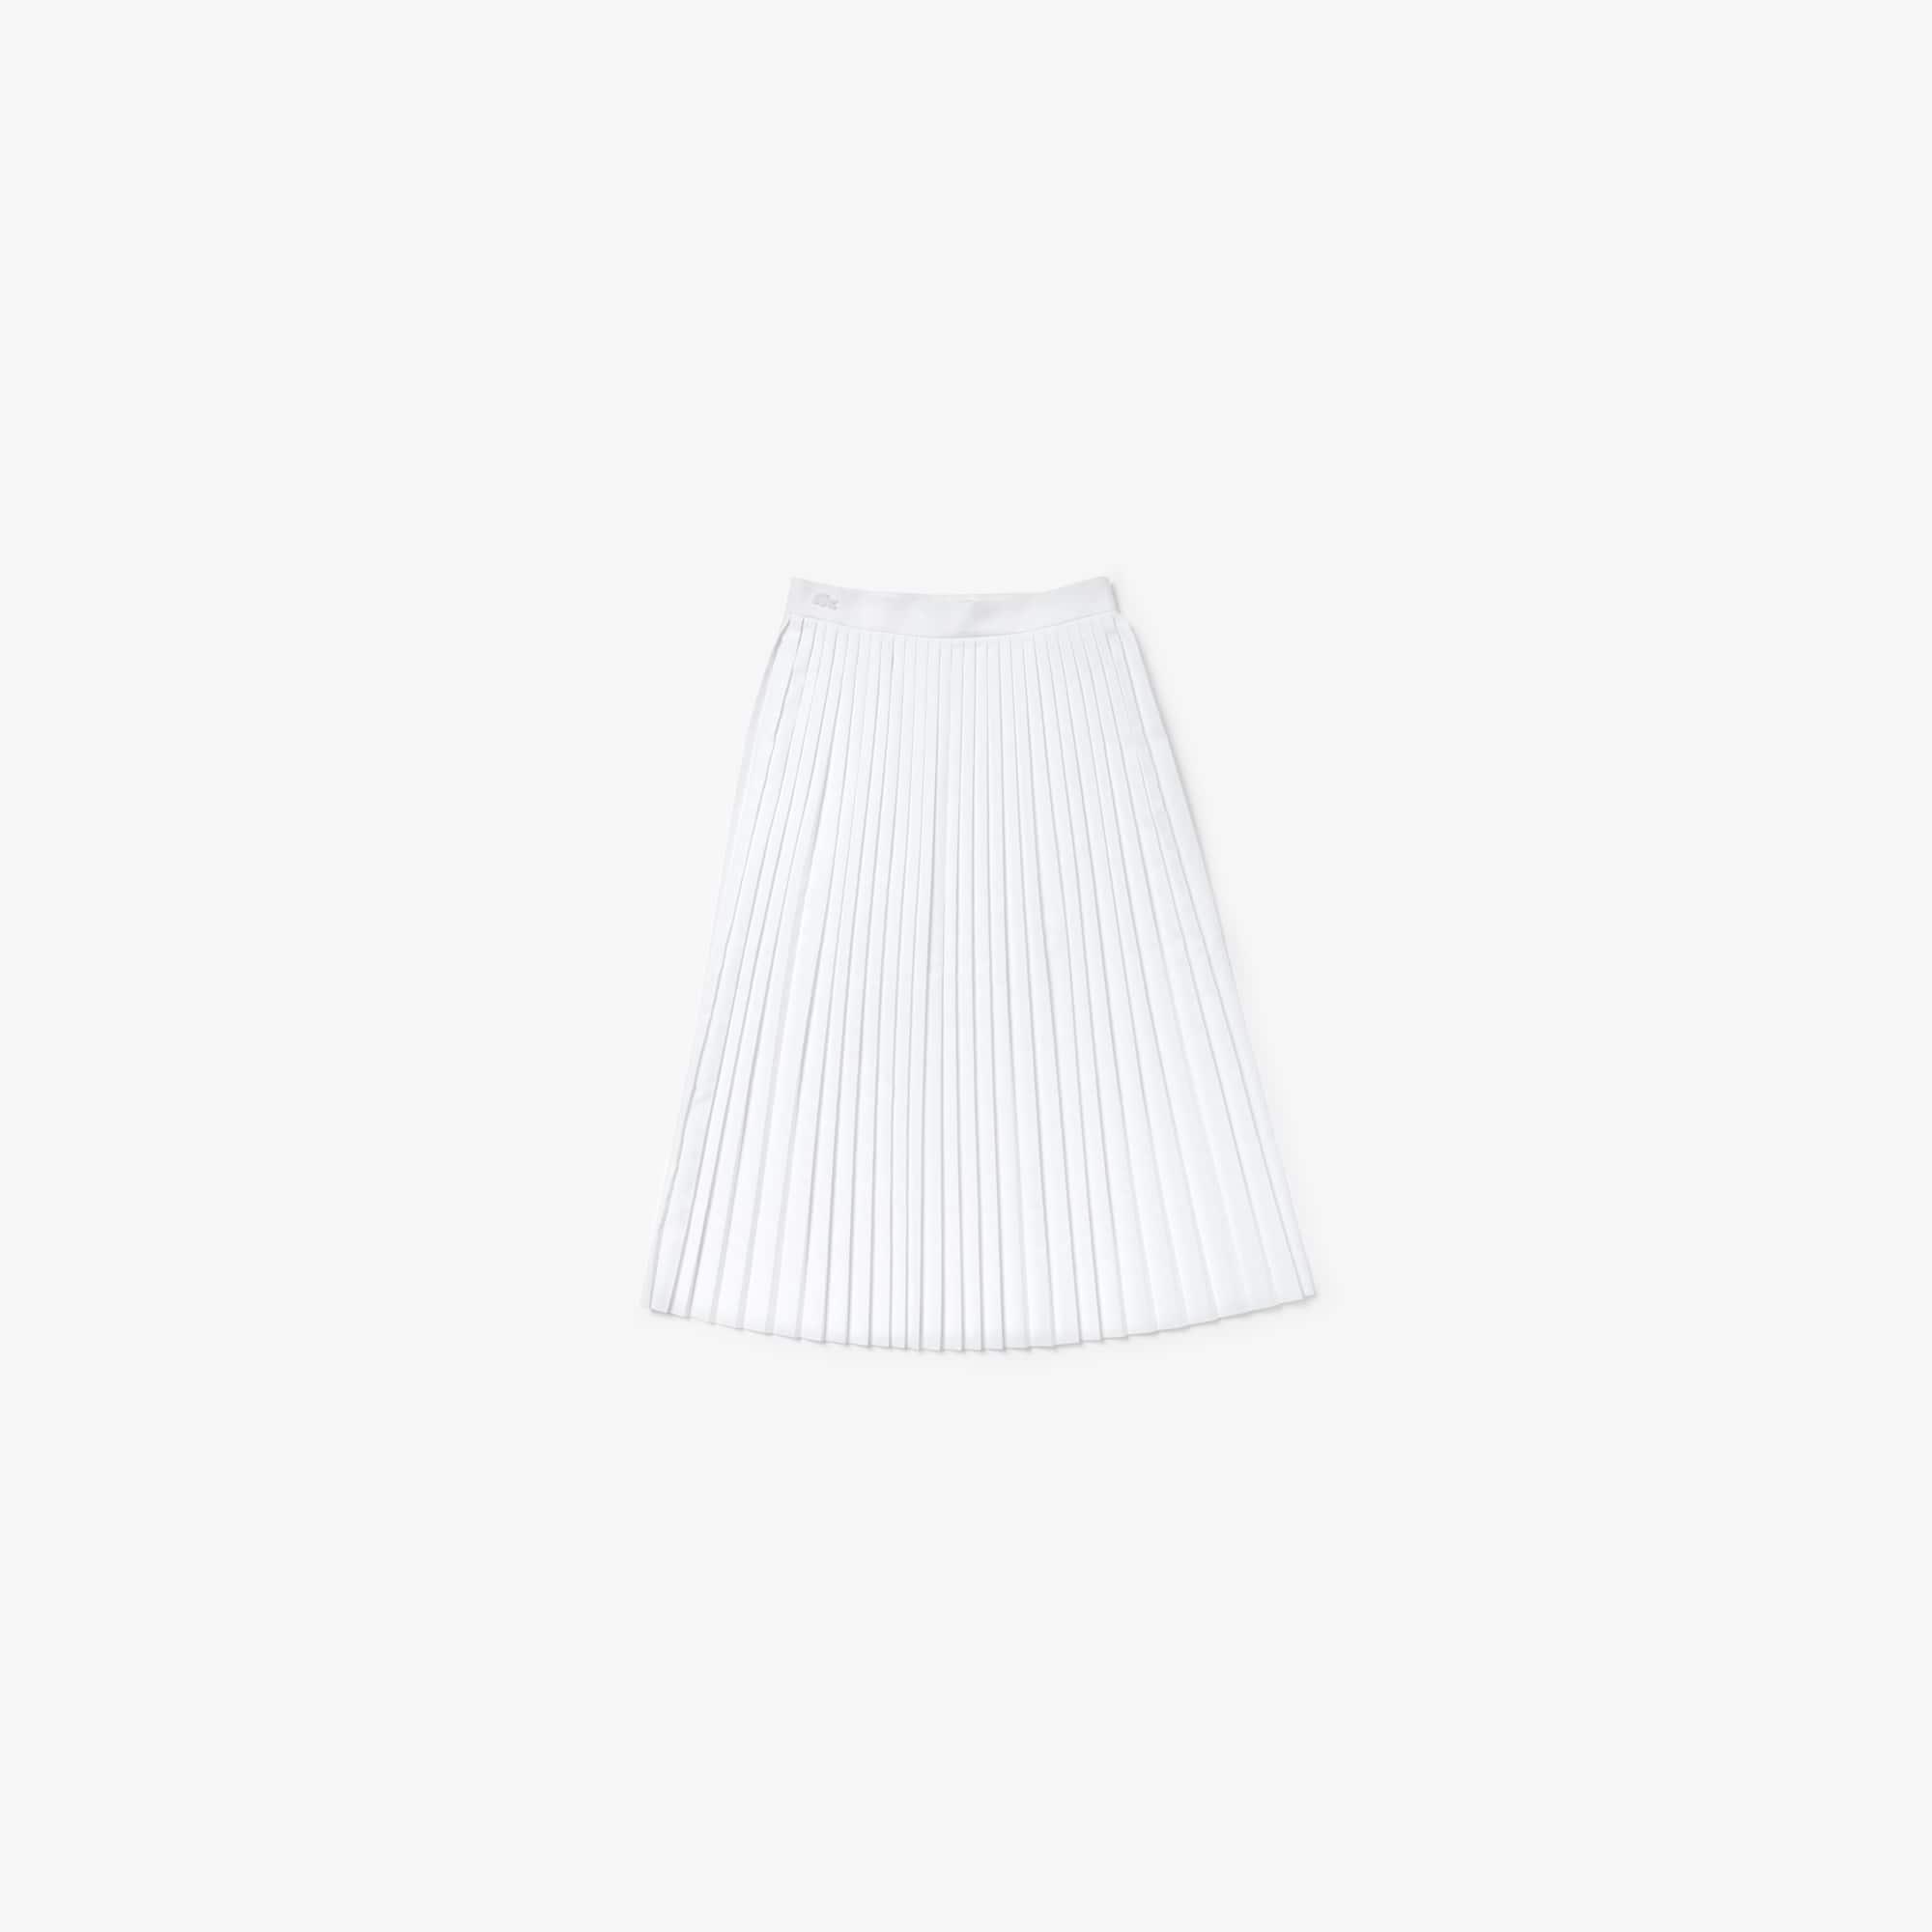 Women's Mid-Length Pleated Skirt